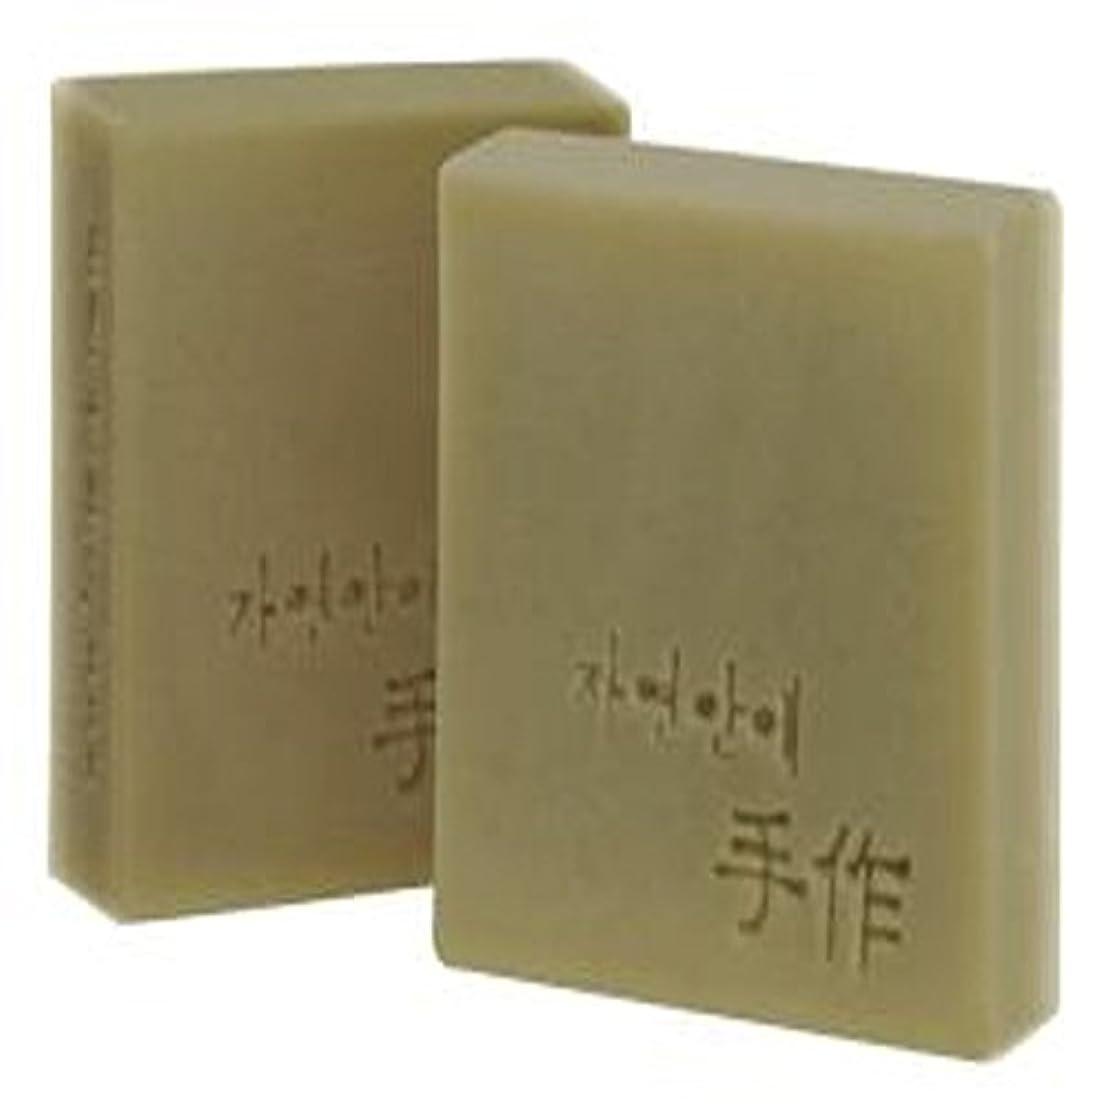 アセトラックタイヤNatural organic 有機天然ソープ 固形 無添加 洗顔せっけんクレンジング 石鹸 [並行輸入品] (アプリコット)